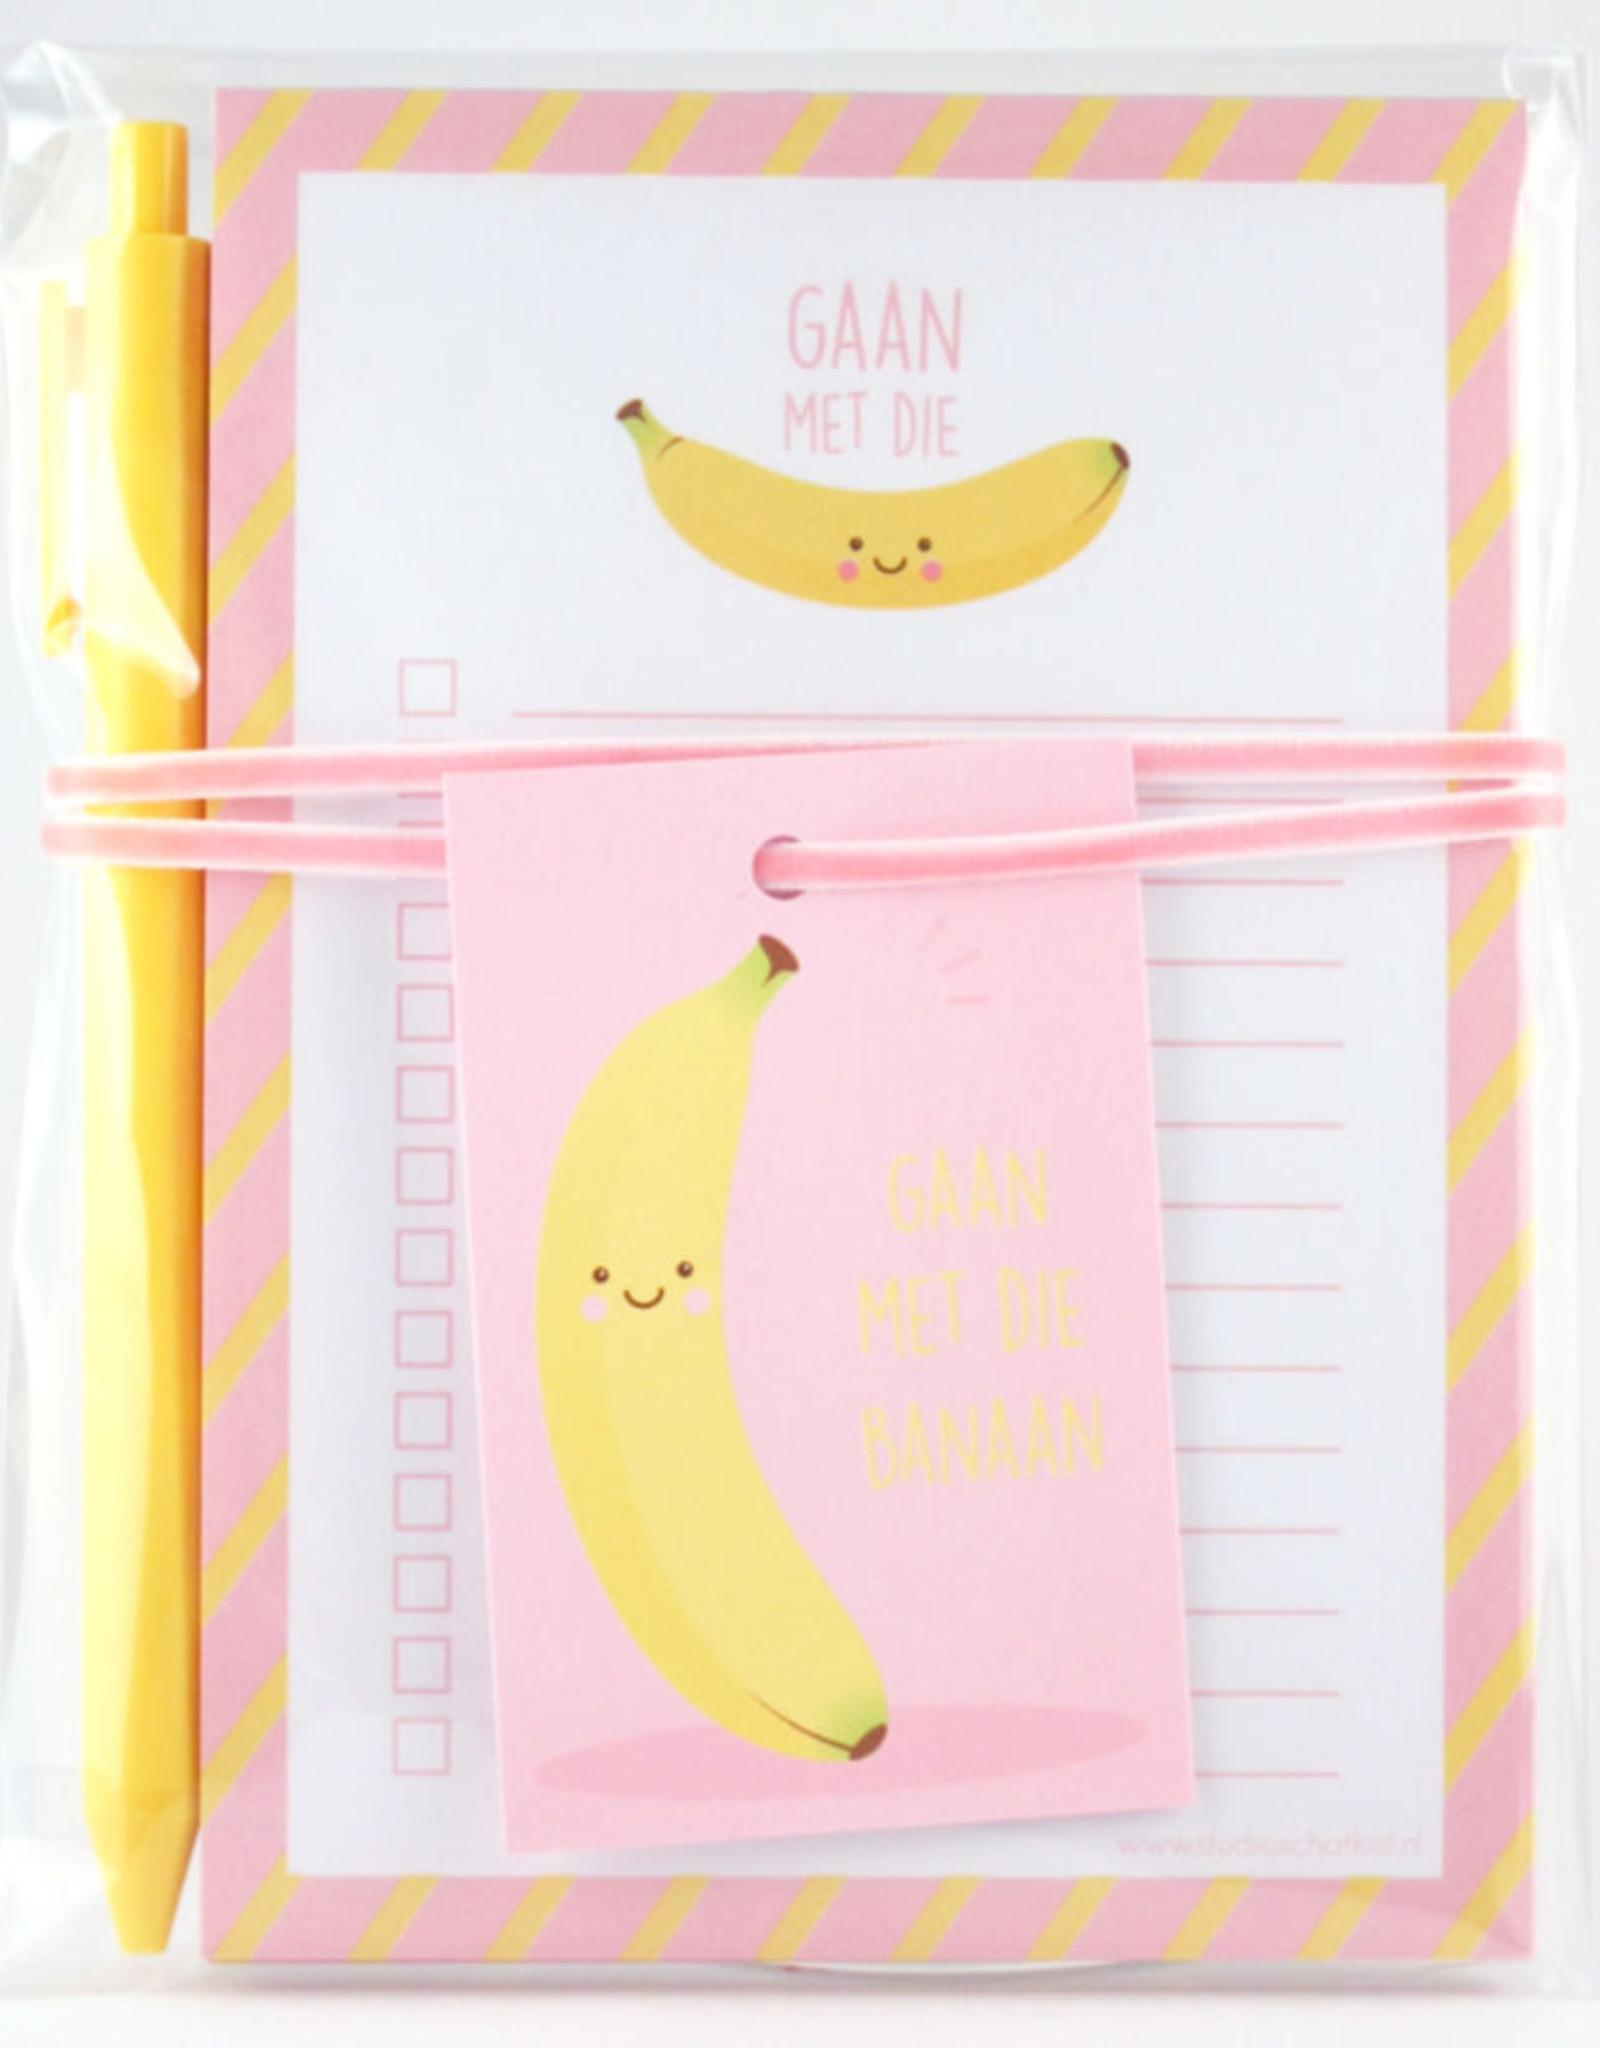 studio schatkist studio schatkist kadoset gaan met die banaan